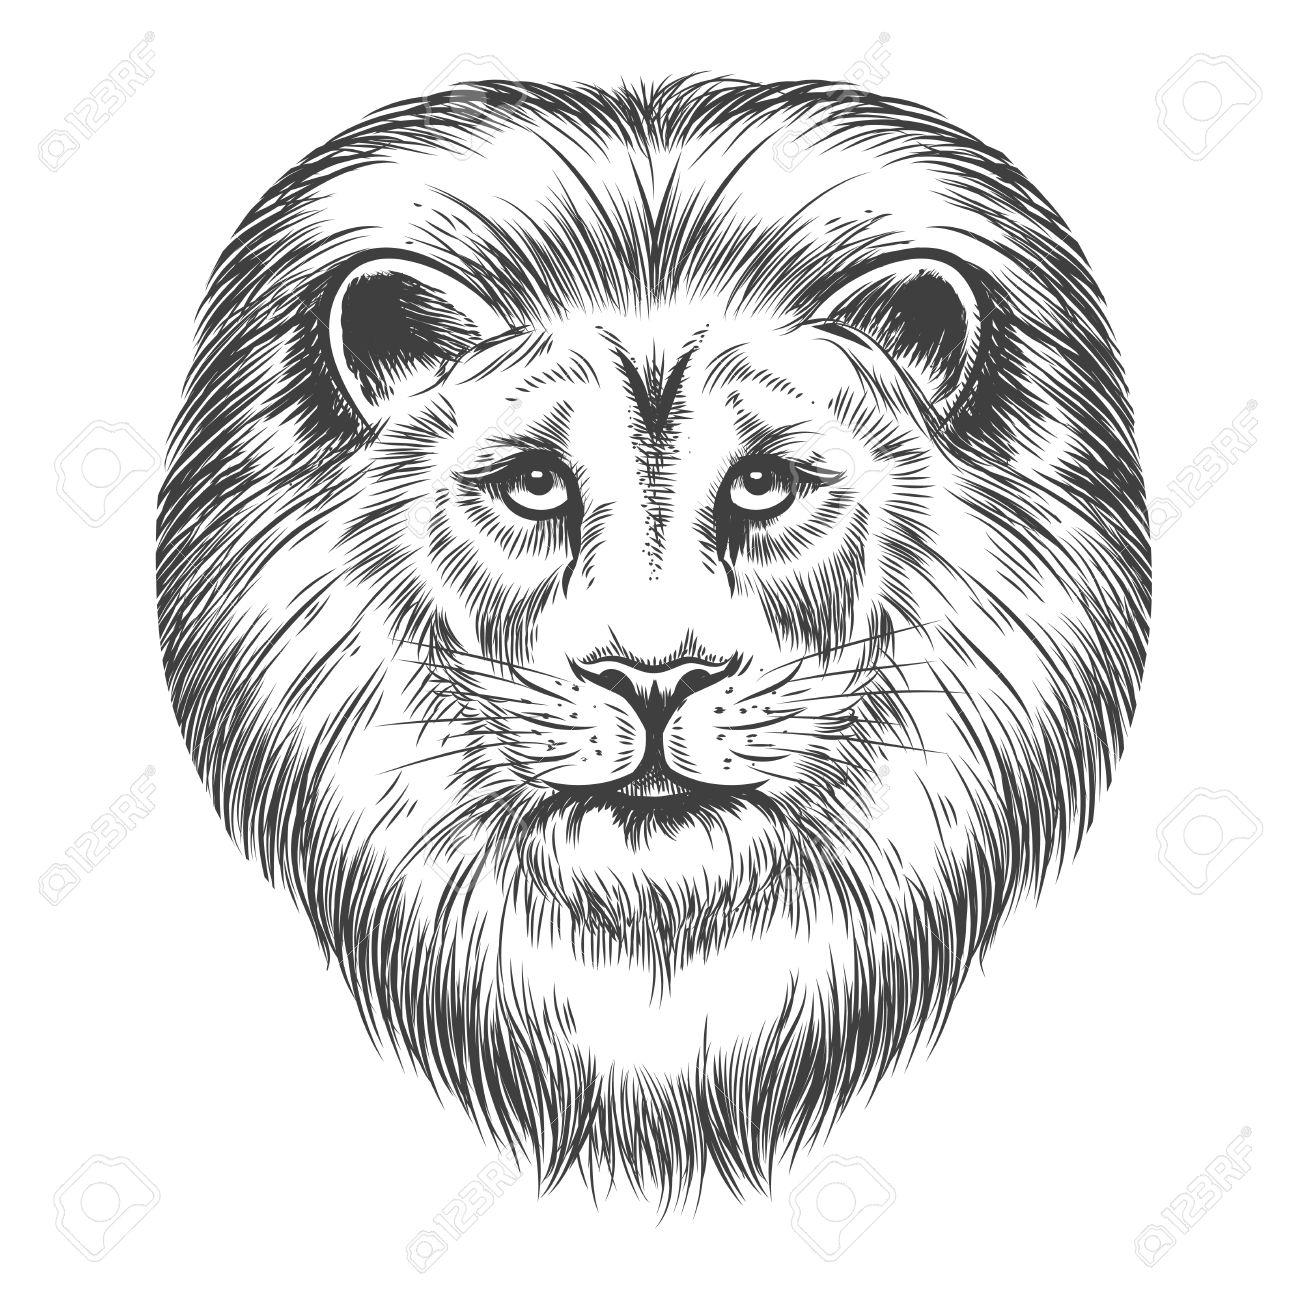 1299x1300 Drawn Sketch Lion Head